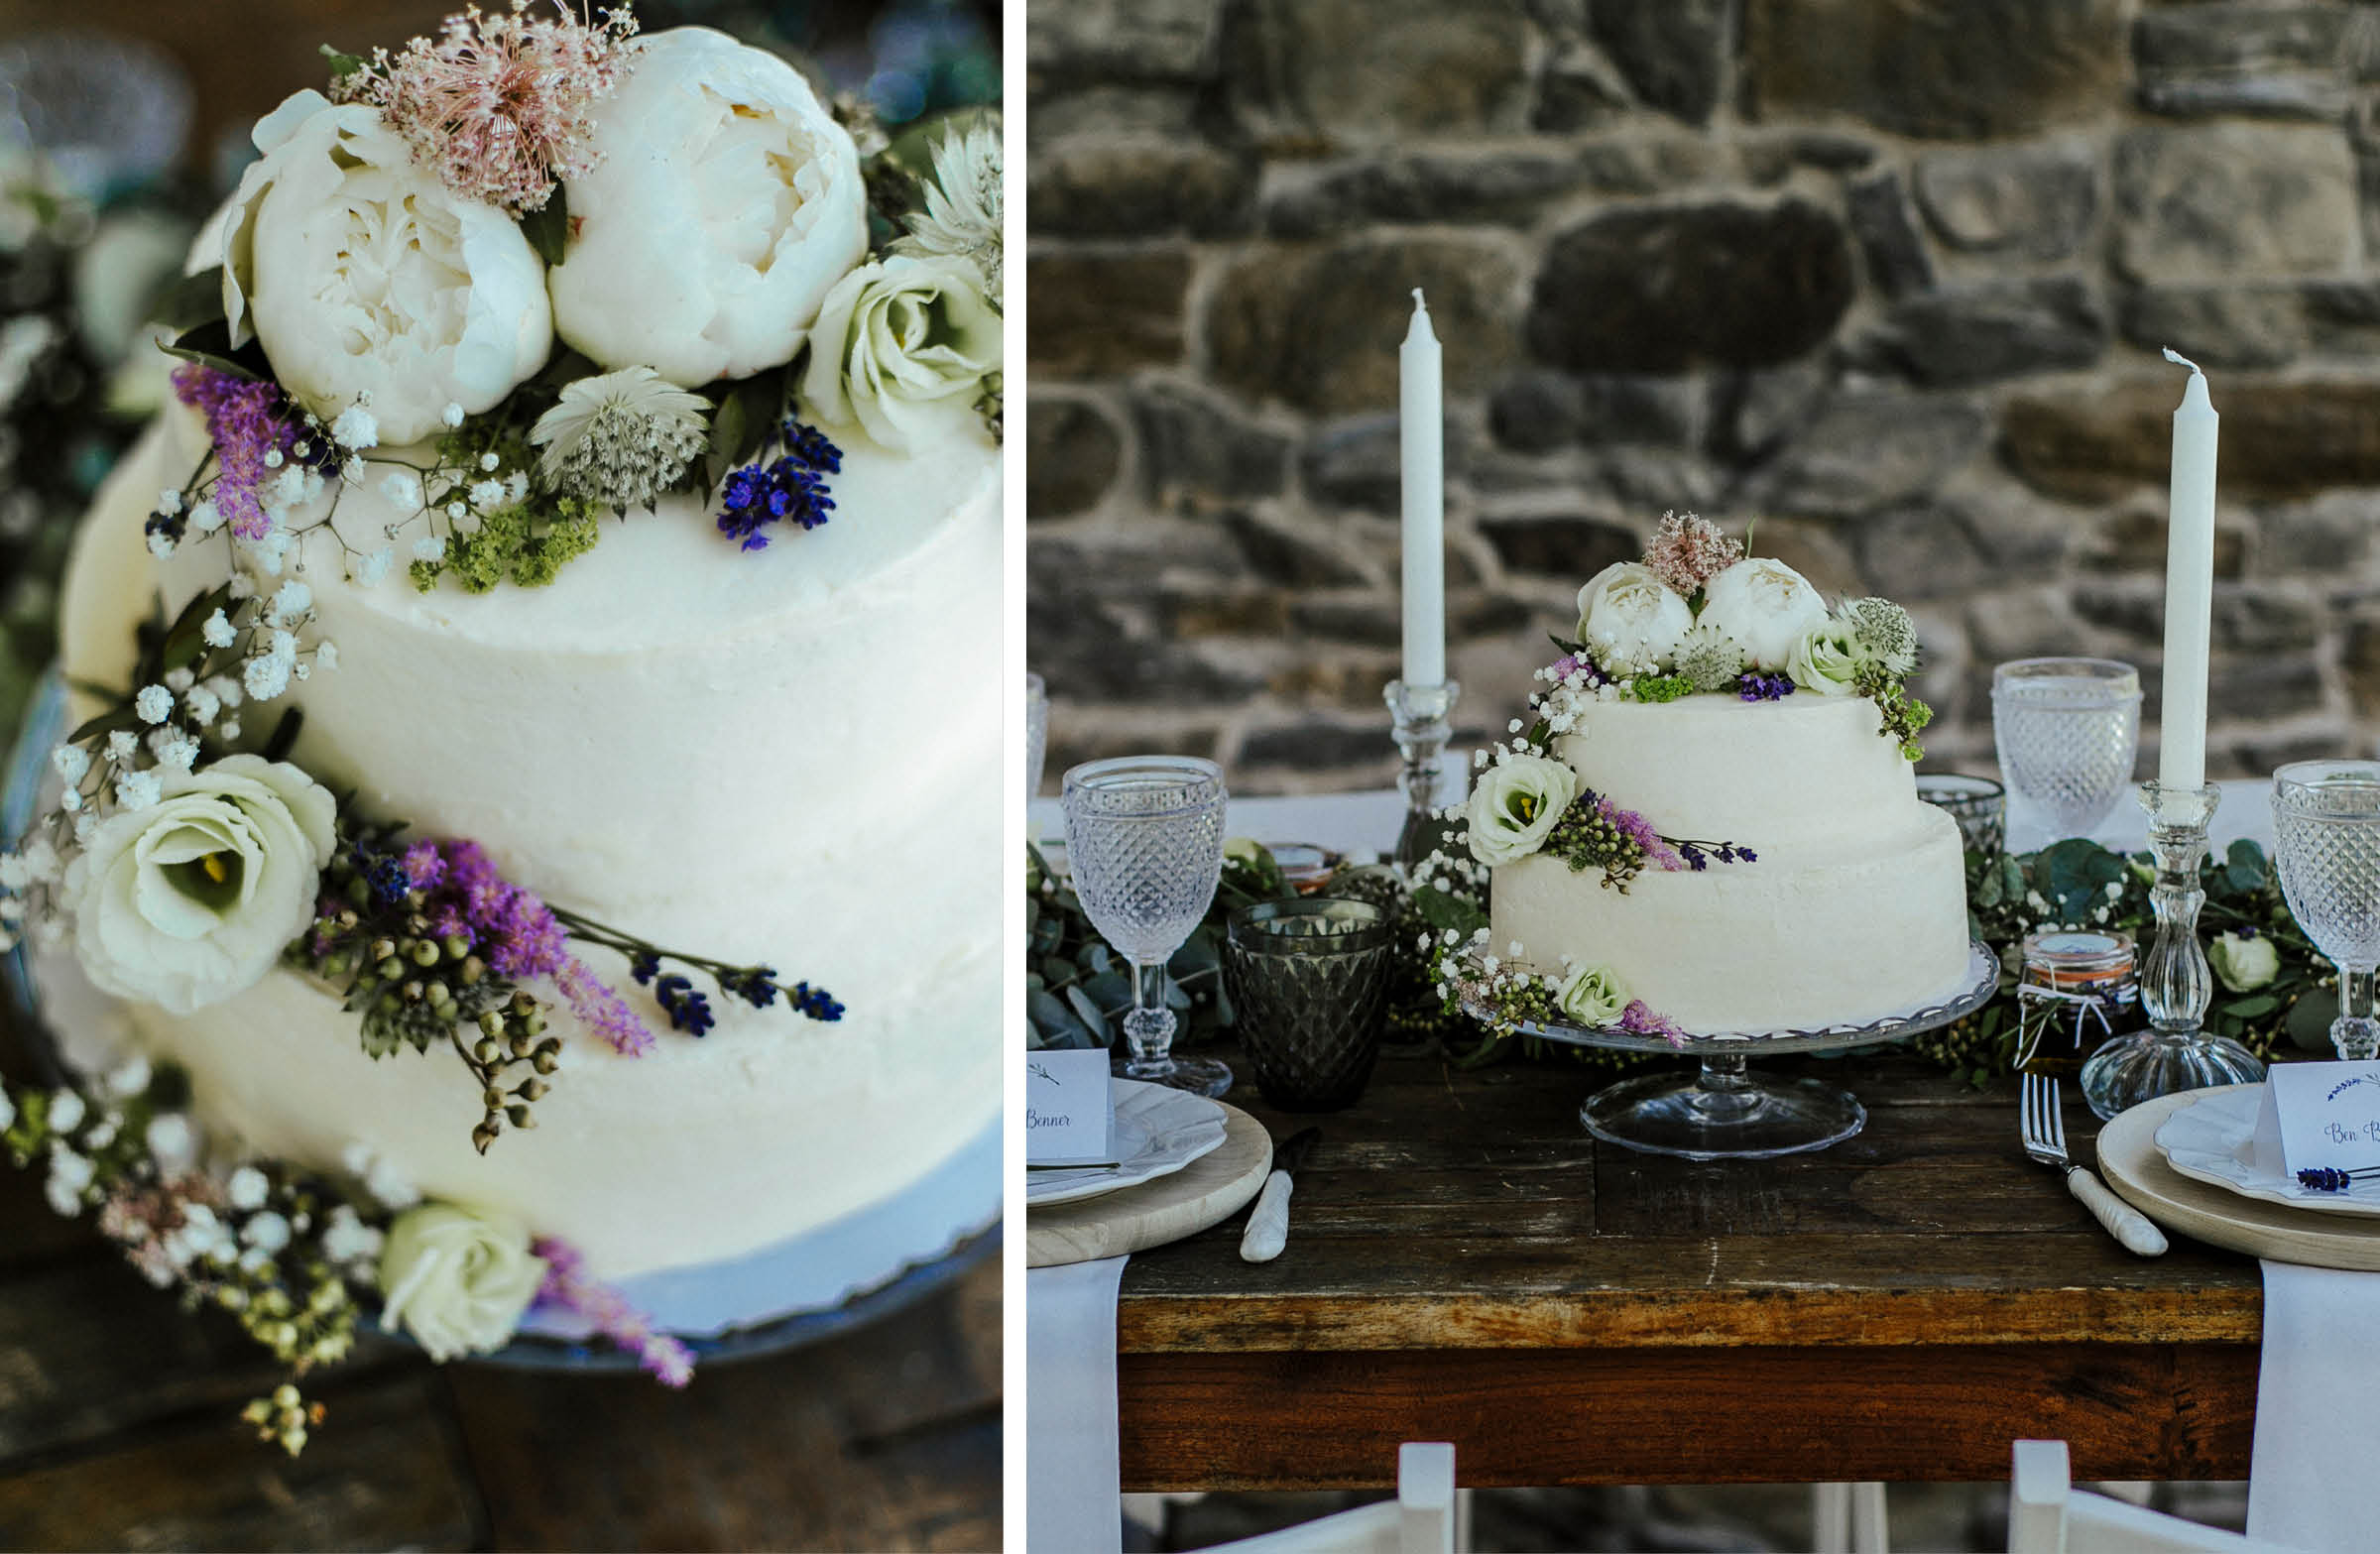 Hochzeitstorte mit Buttercreme, verziert mit verschiedenen echten Blumen